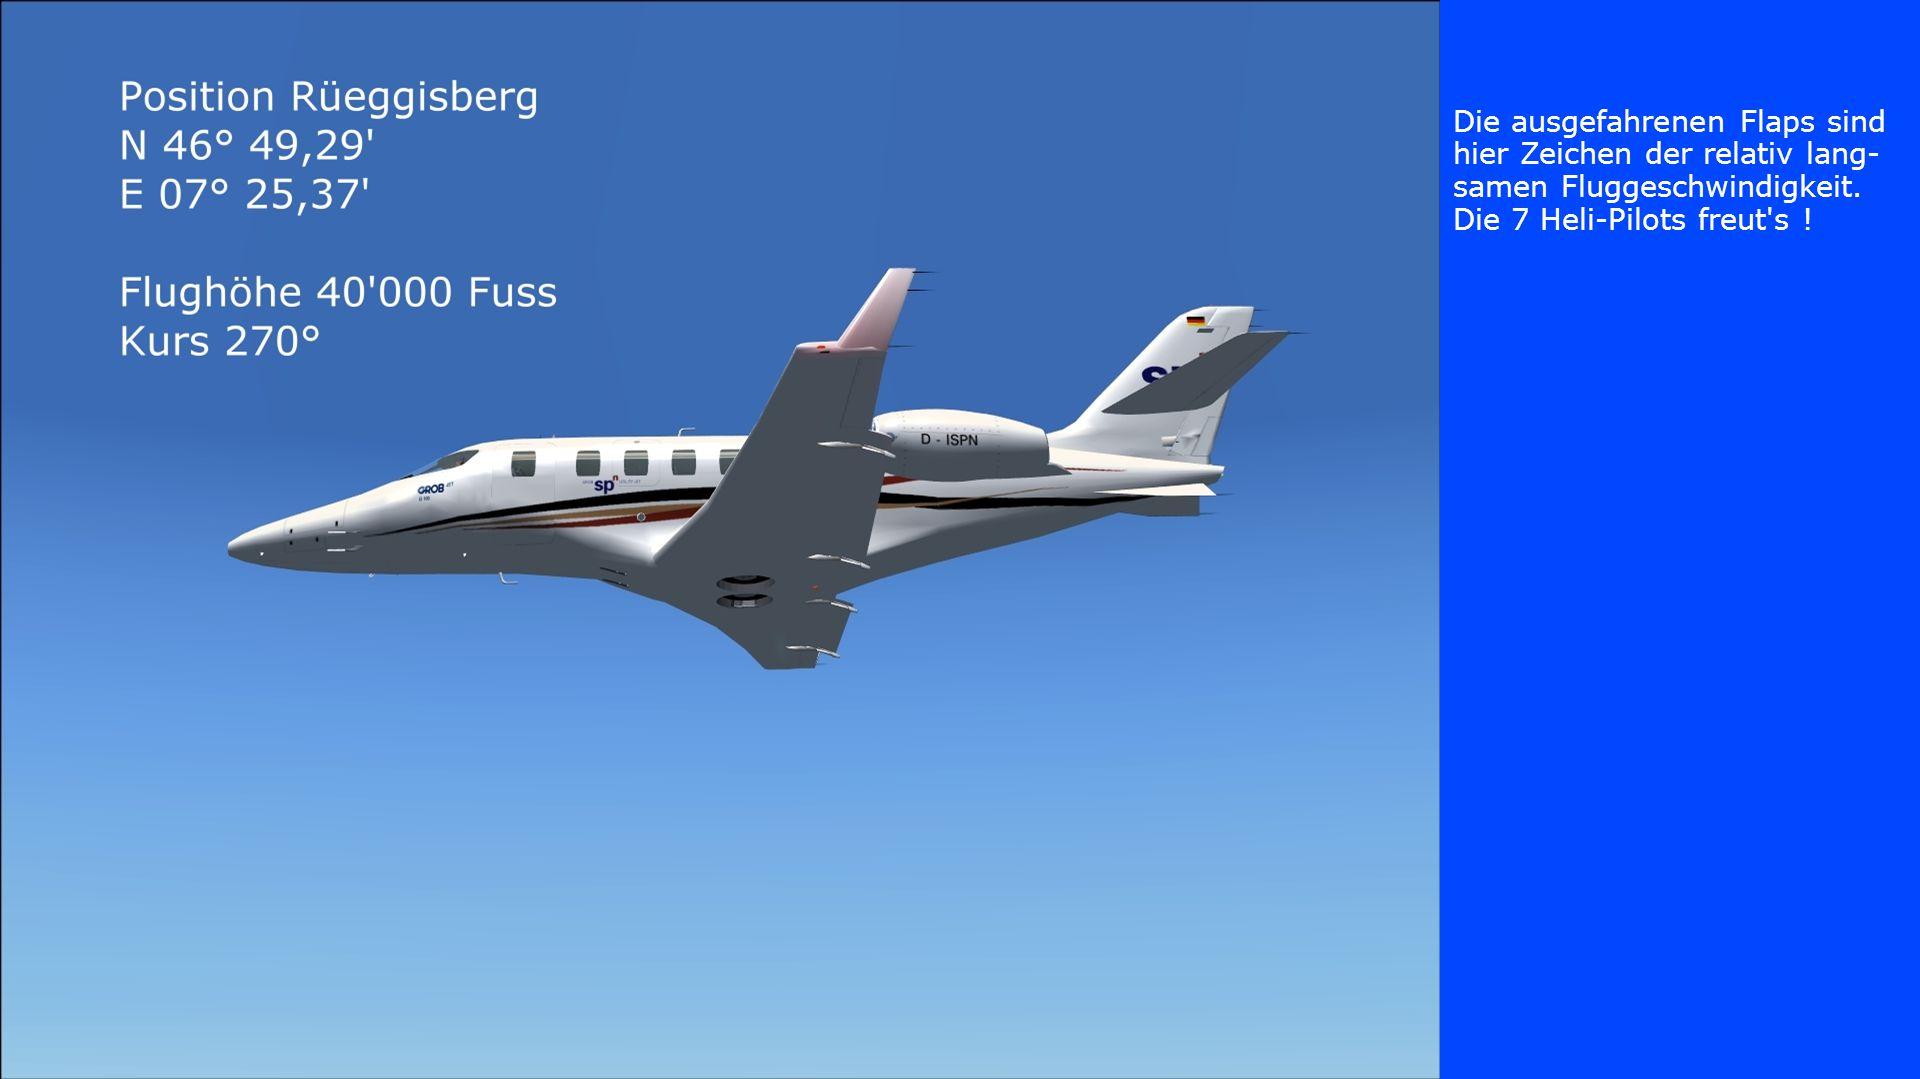 Die ausgefahrenen Flaps sind hier Zeichen der relativ lang- samen Fluggeschwindigkeit.